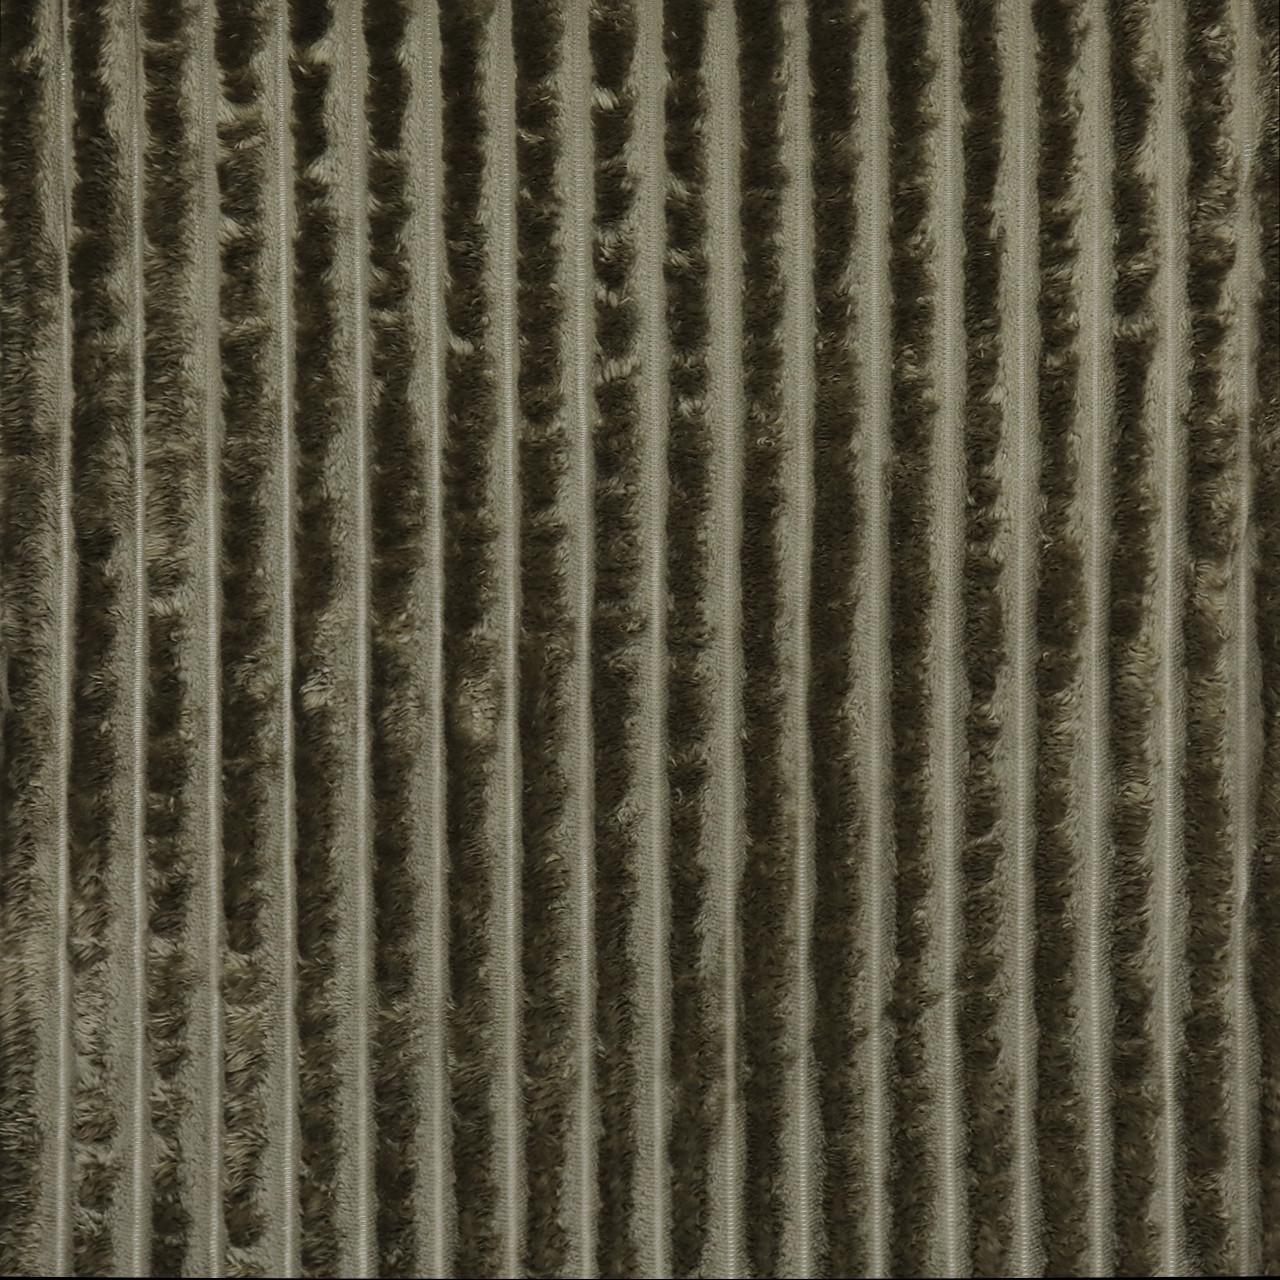 Плед однотонный шарпей хаки микрофибра покрывала 180х210см